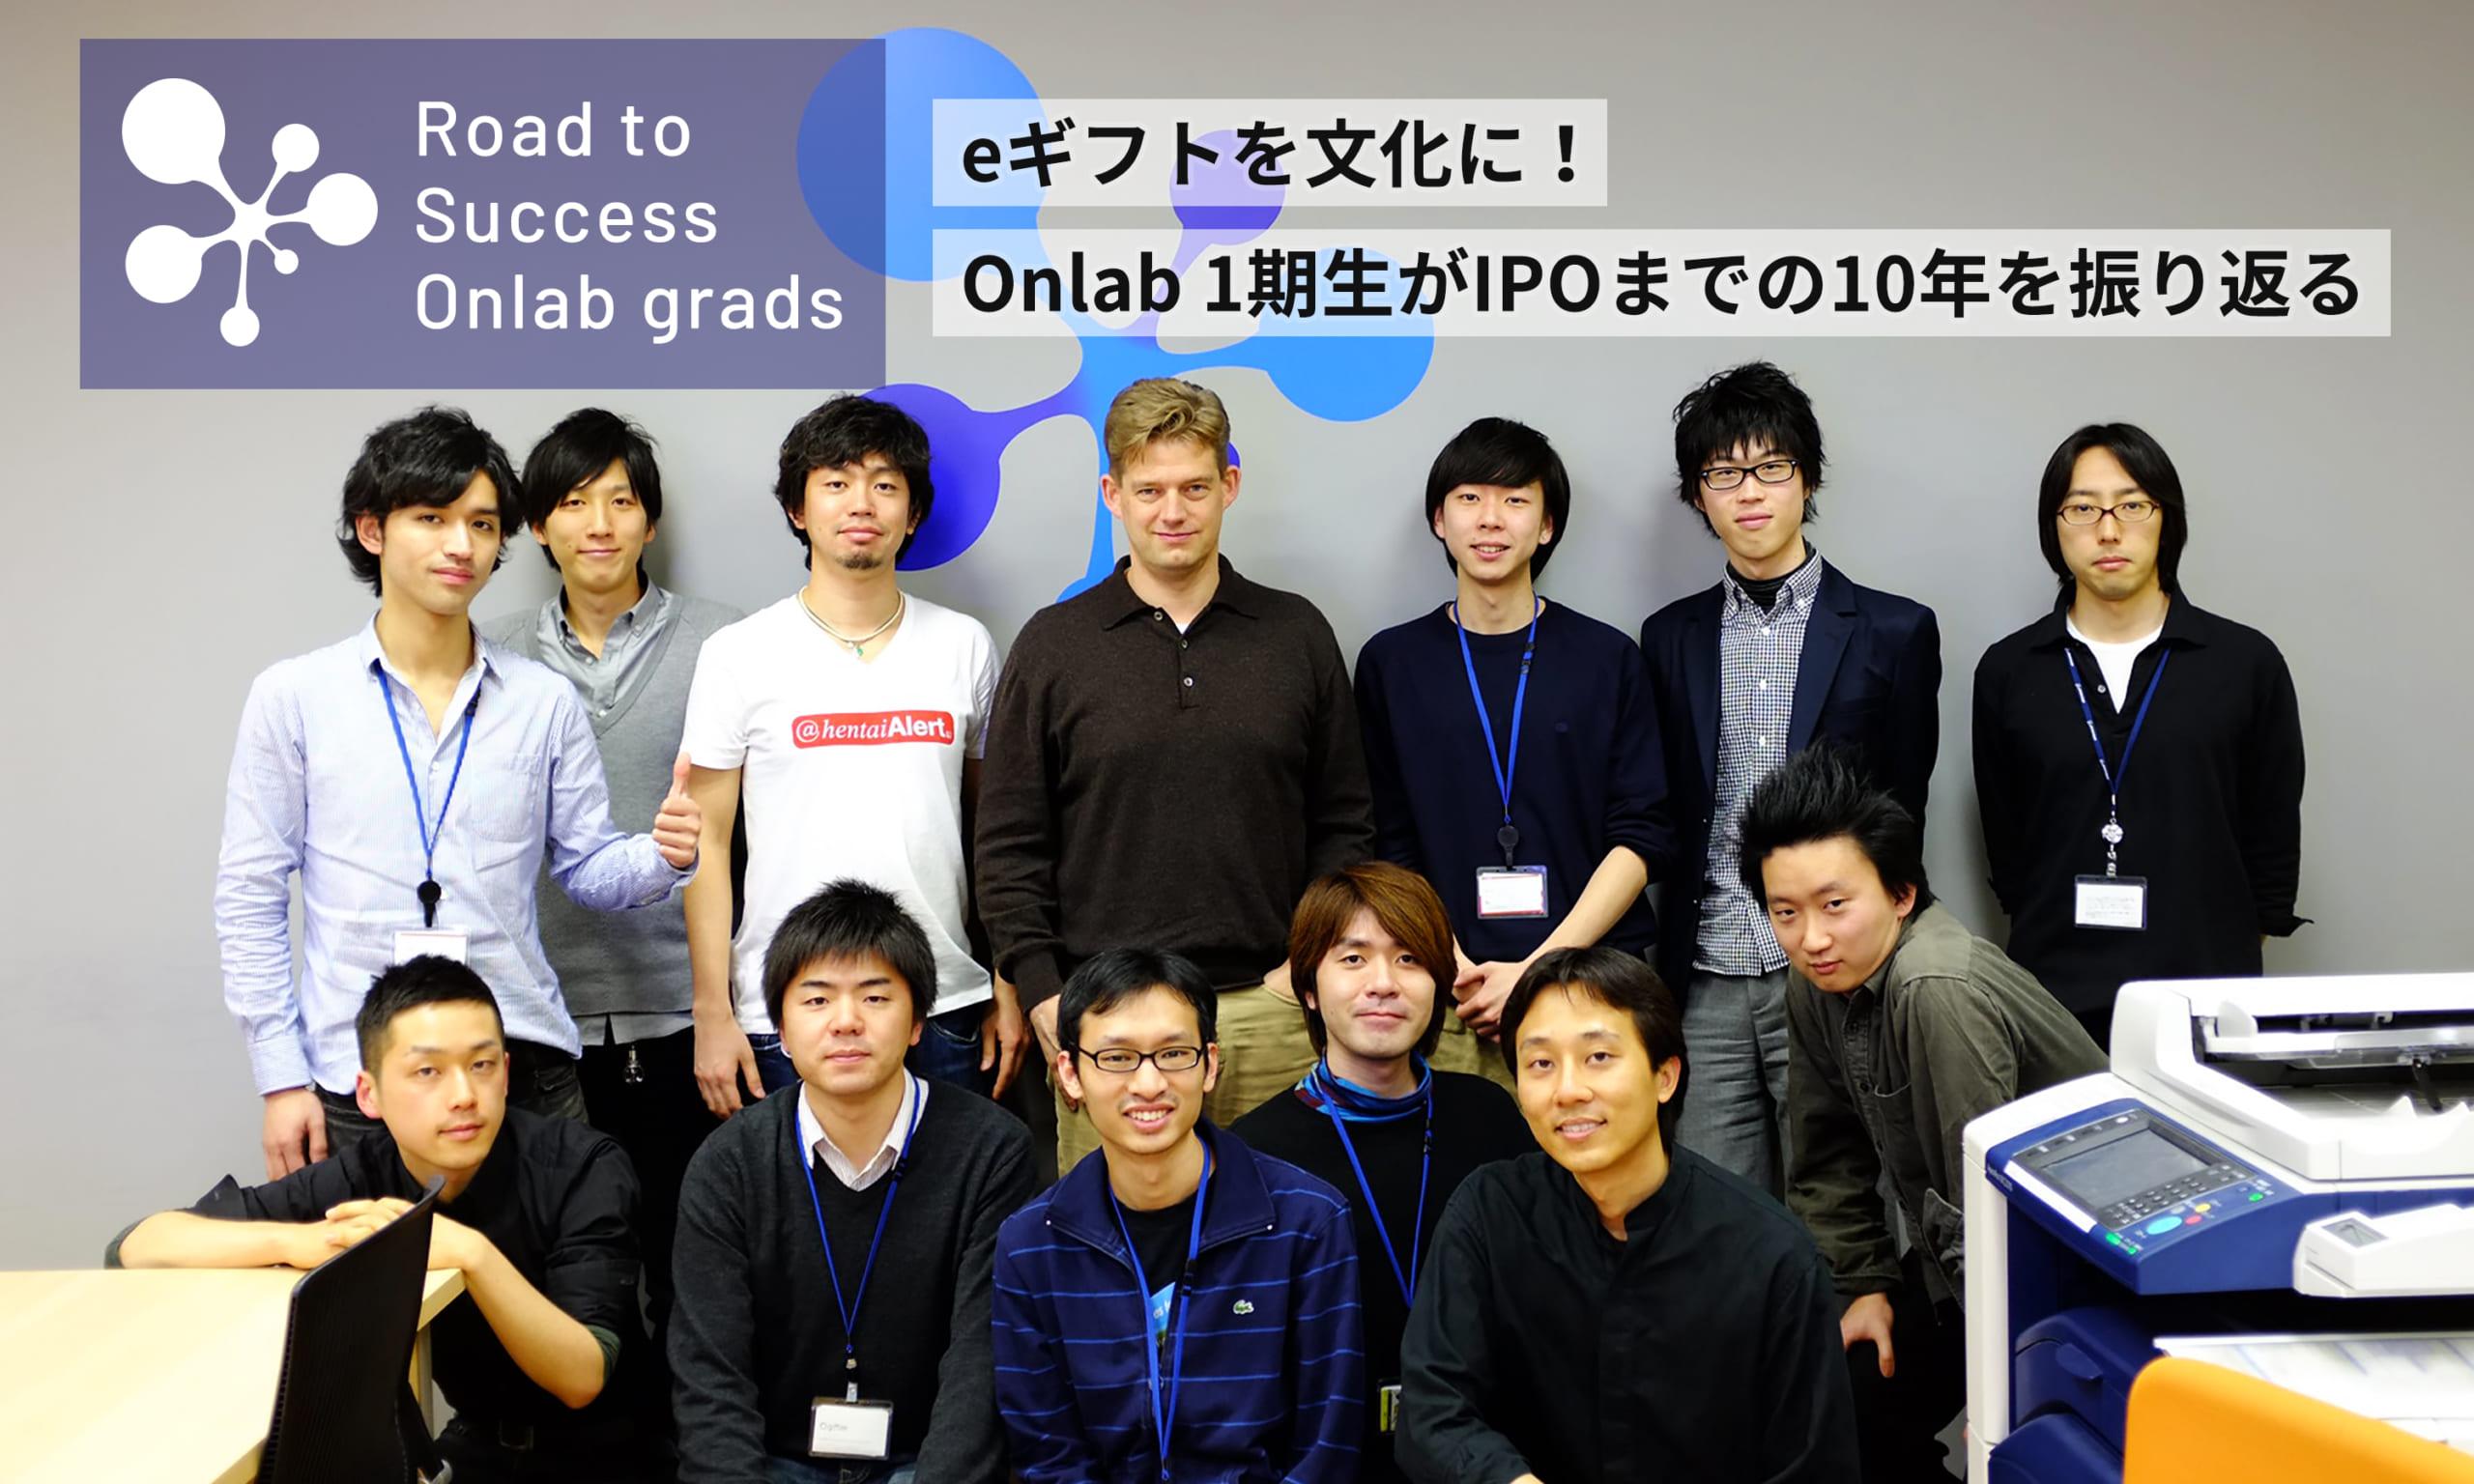 eギフトを文化に!Onlab 1期生がIPOまでの10年を振り返る|Road to Success Onlab grads vol.5